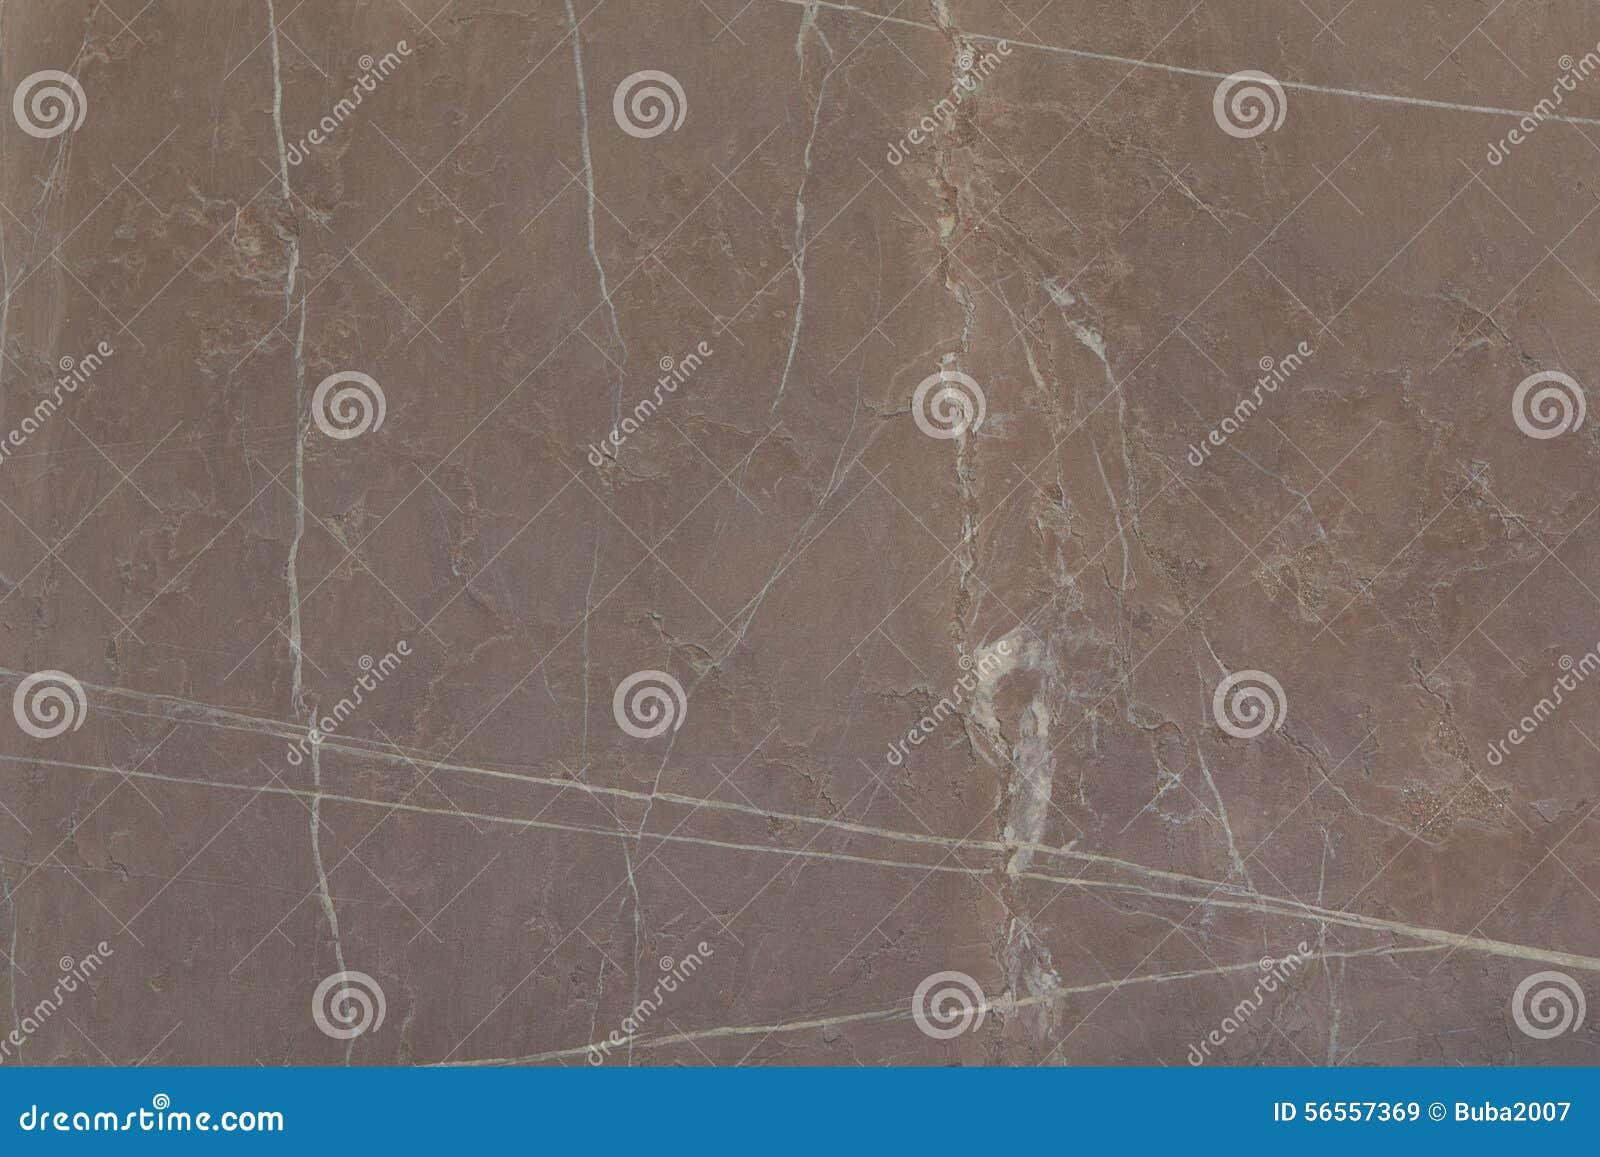 Download Υπόβαθρο - παλαιός μαρμάρινος τοίχος Στοκ Εικόνα - εικόνα από κληρονομιά, διάσημος: 56557369